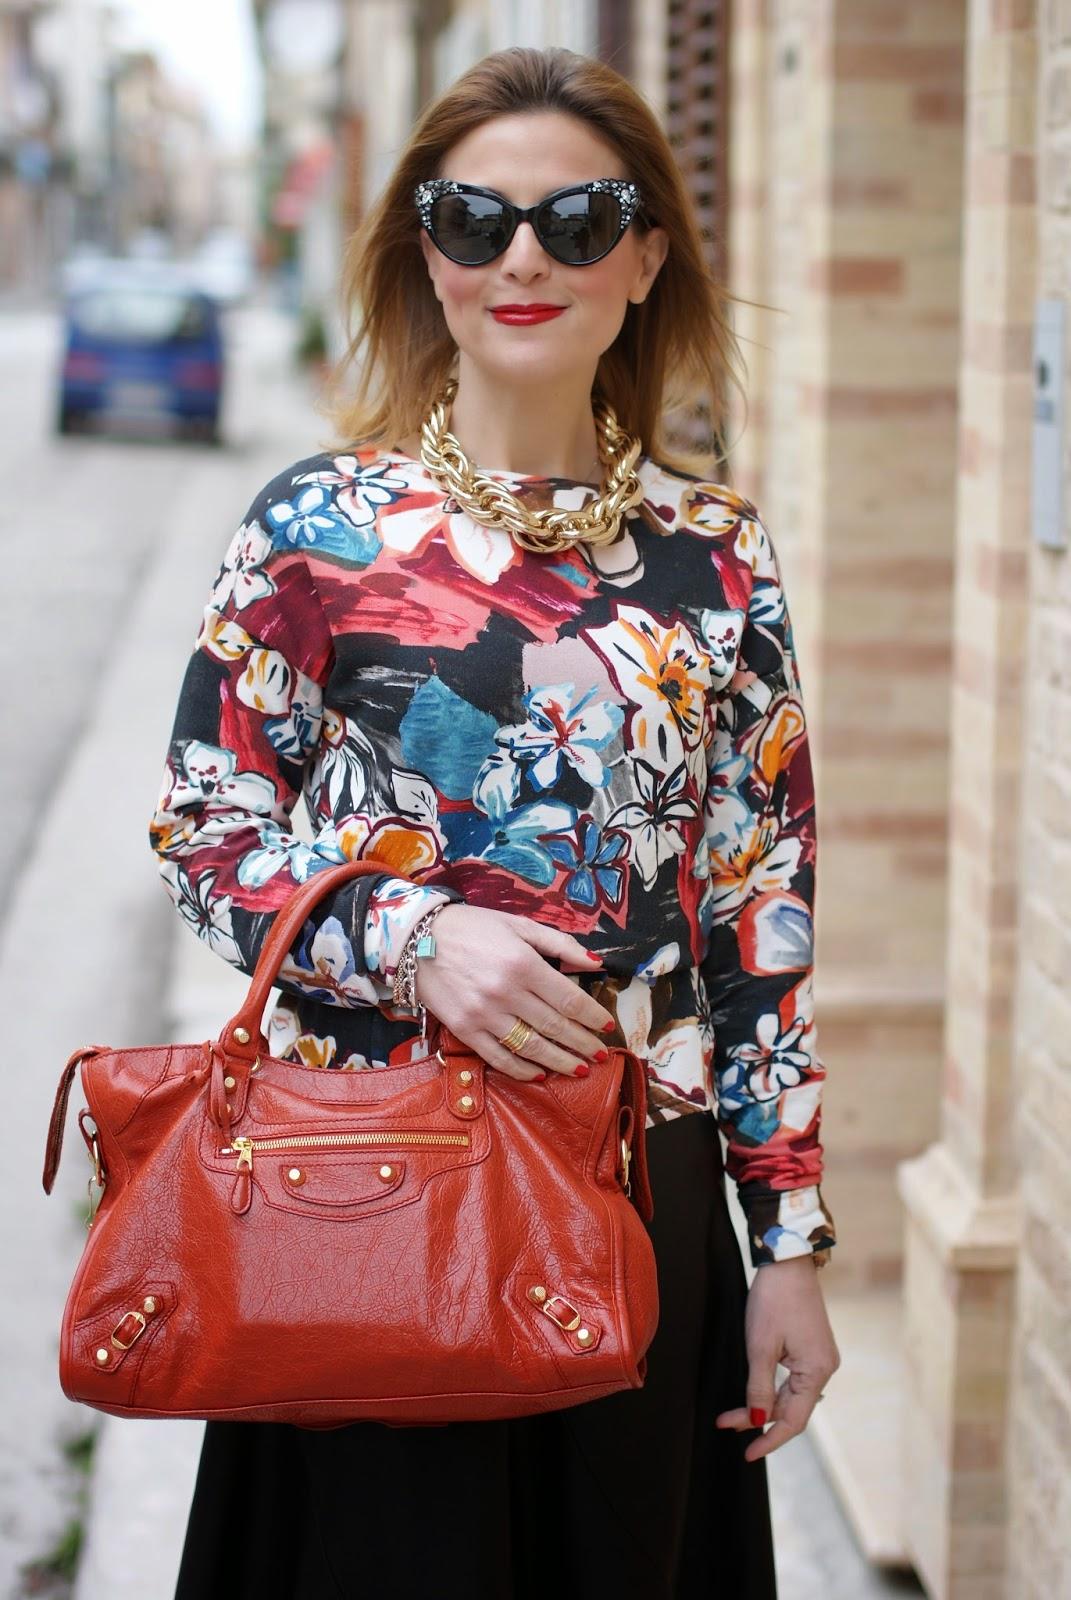 Как стильно одеваться женщине 45 лет